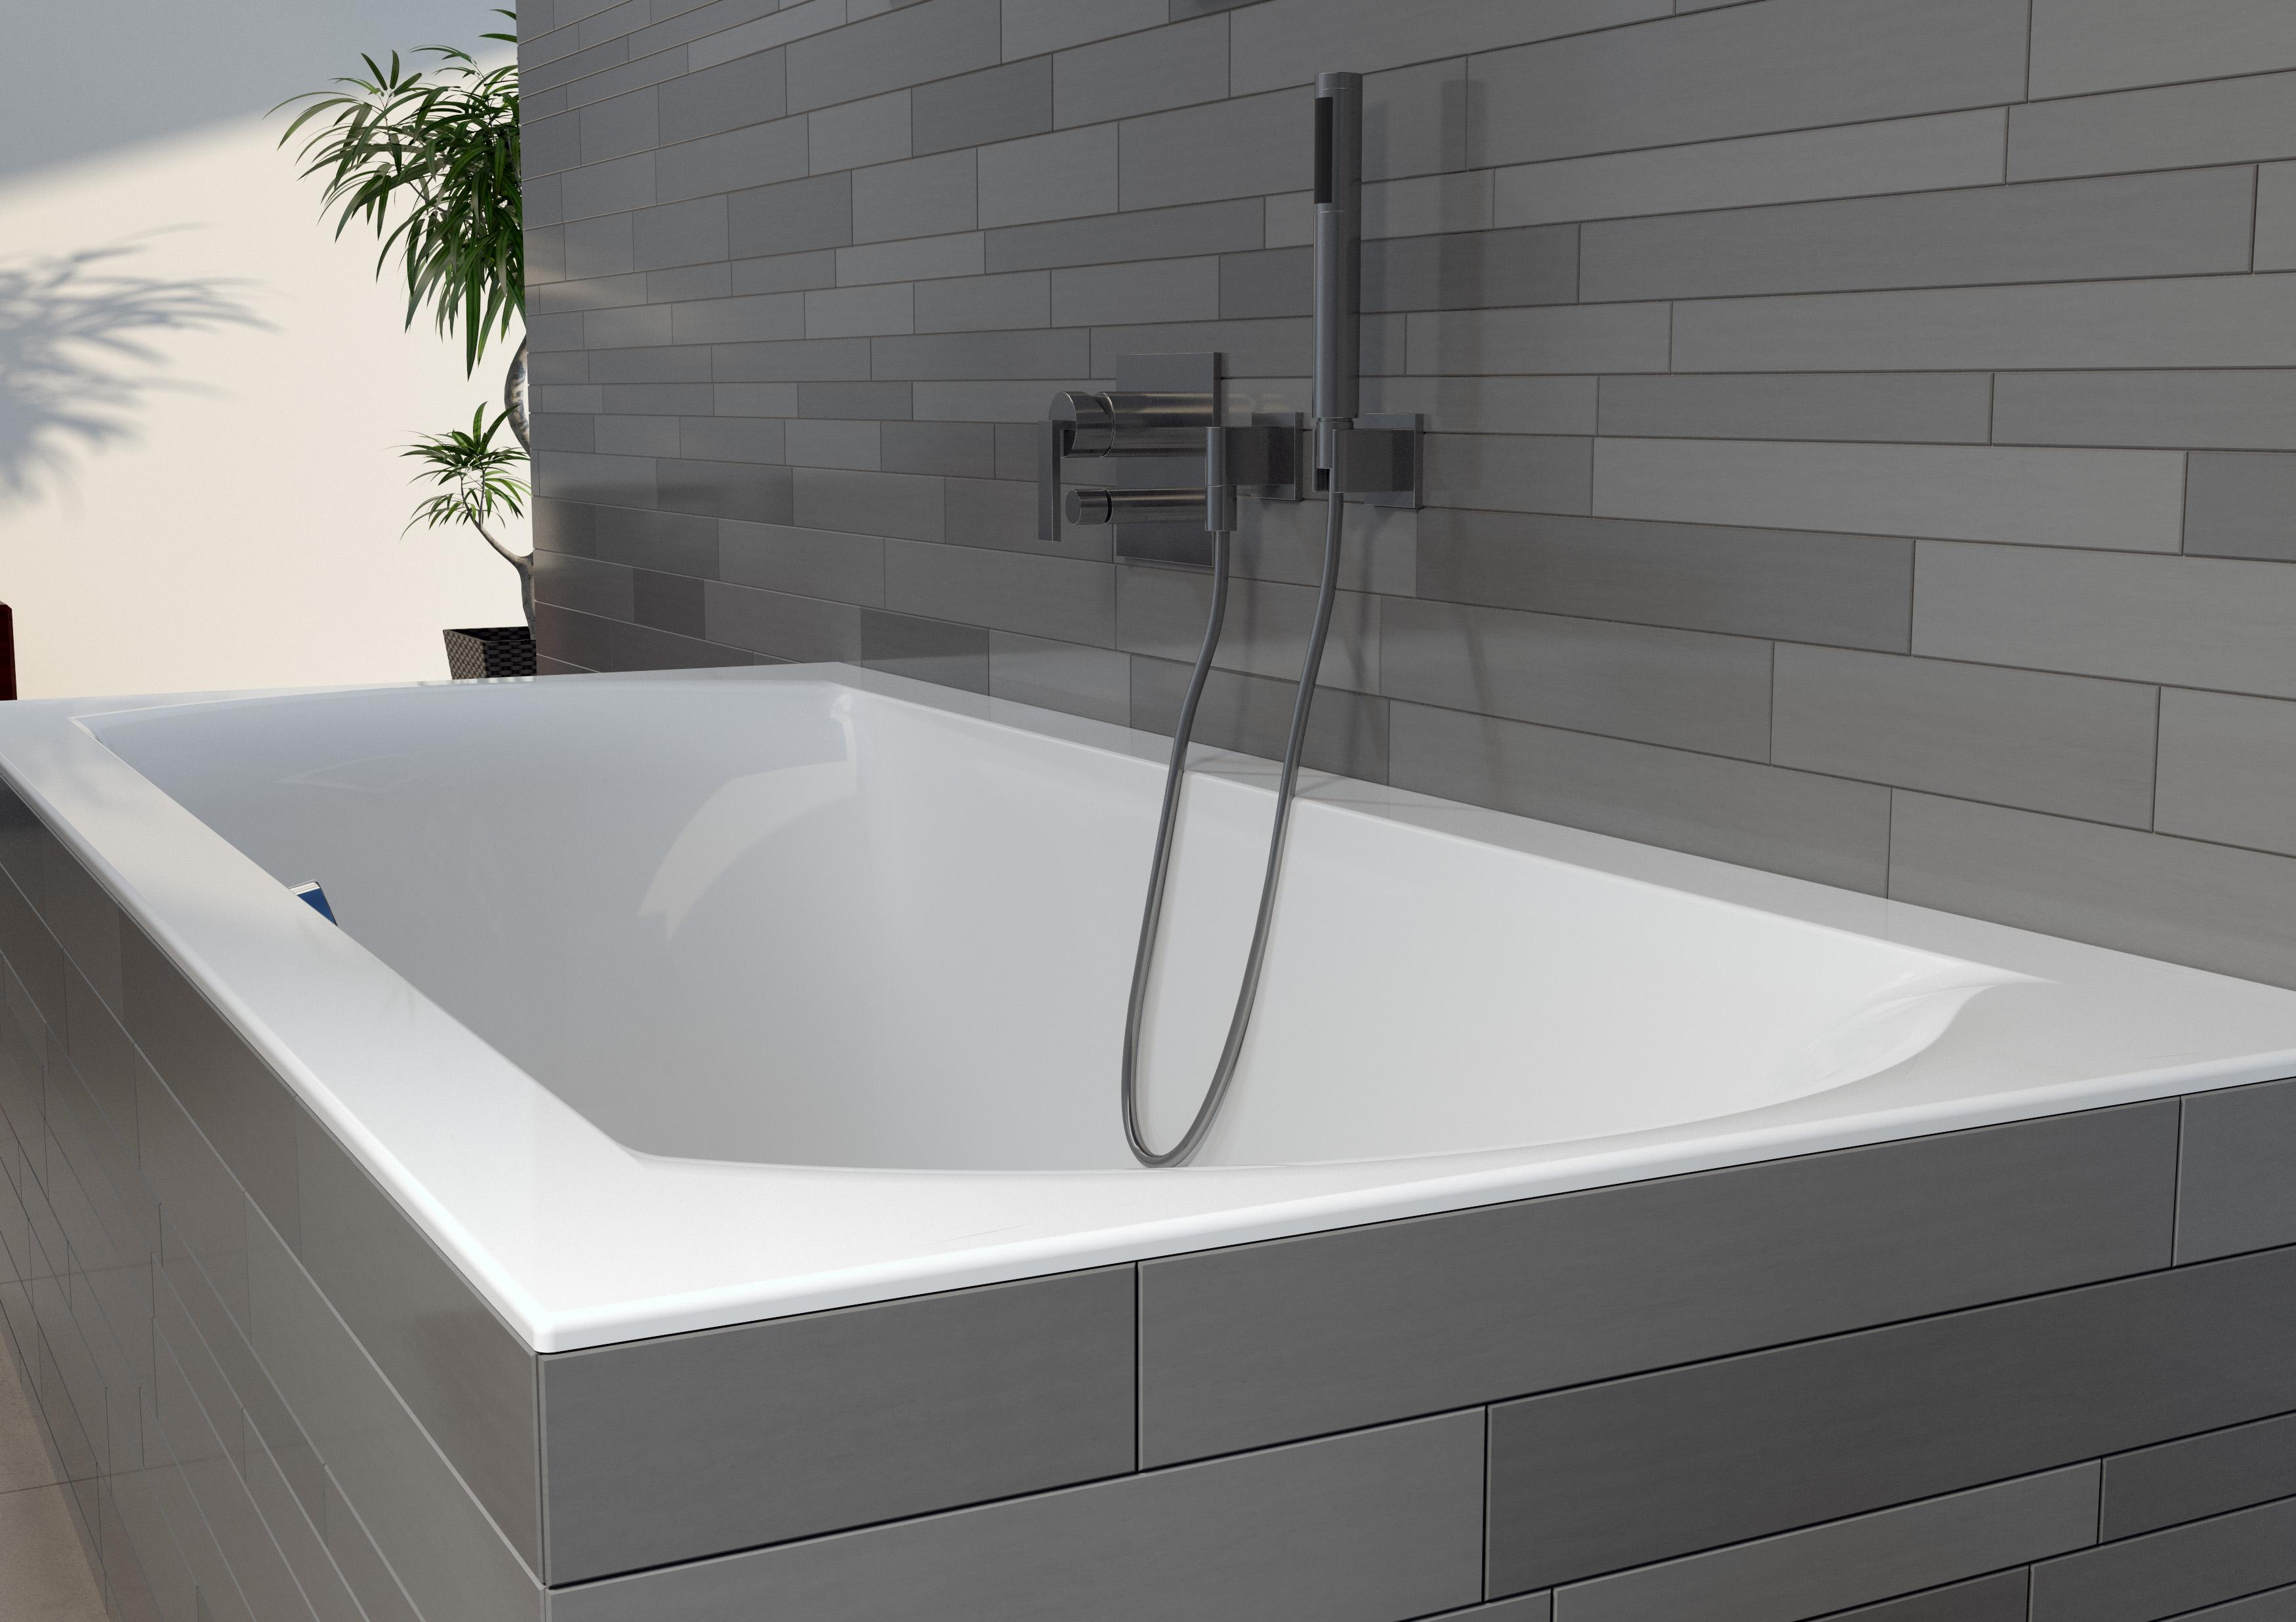 Прямоугольная ванна Riho Linares 180x80 R без гидромассажа BT4600500000000